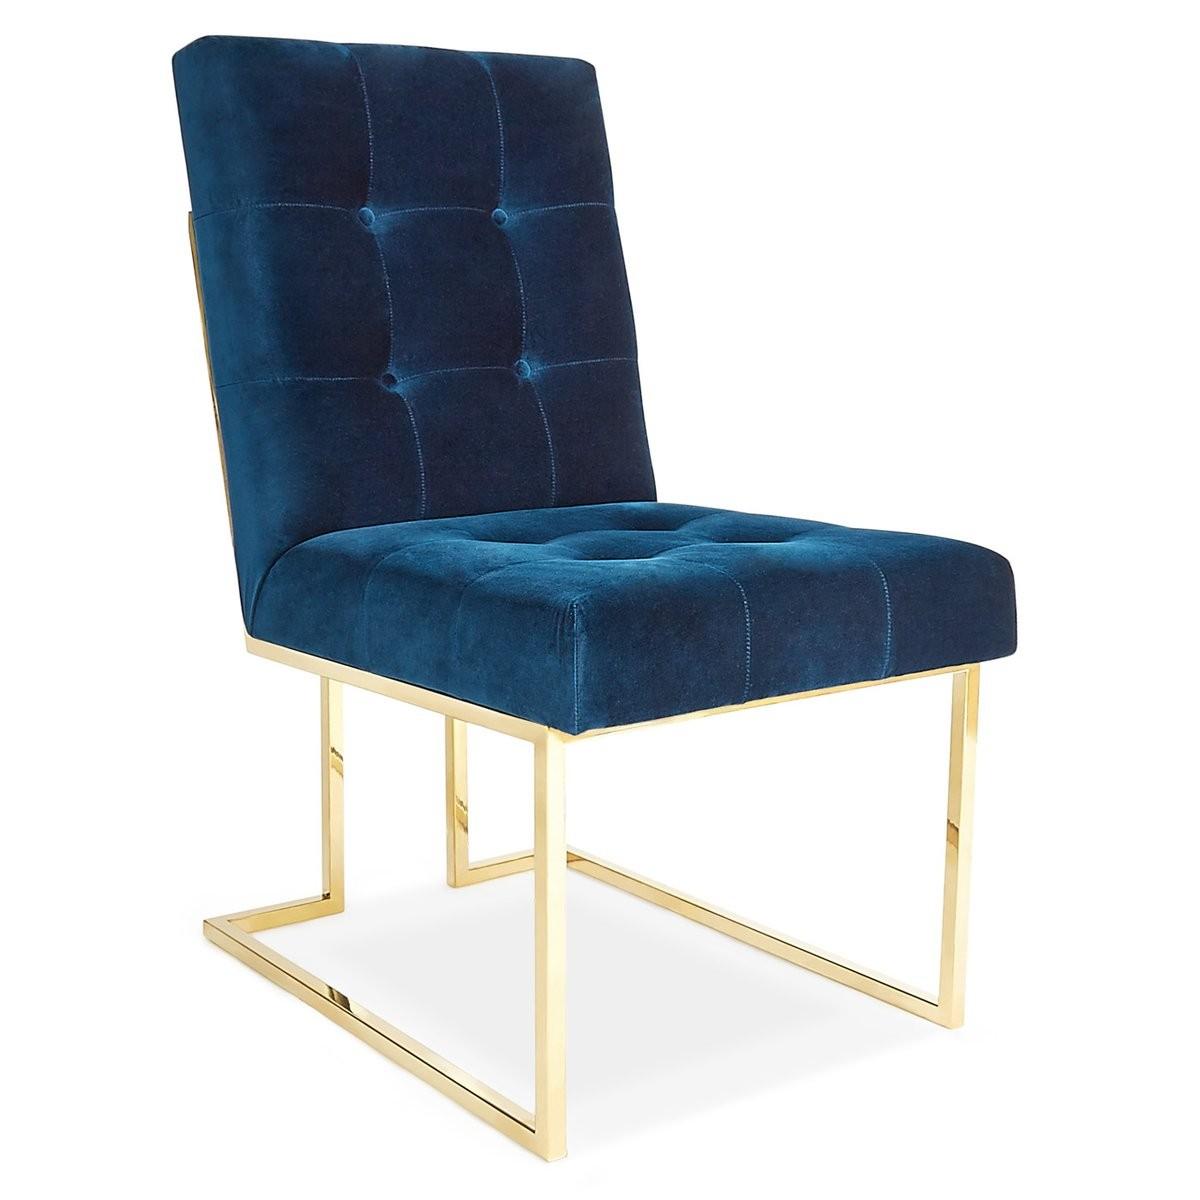 Jonathan Adler I Goldfinger Dining Chair I Rialto Navy